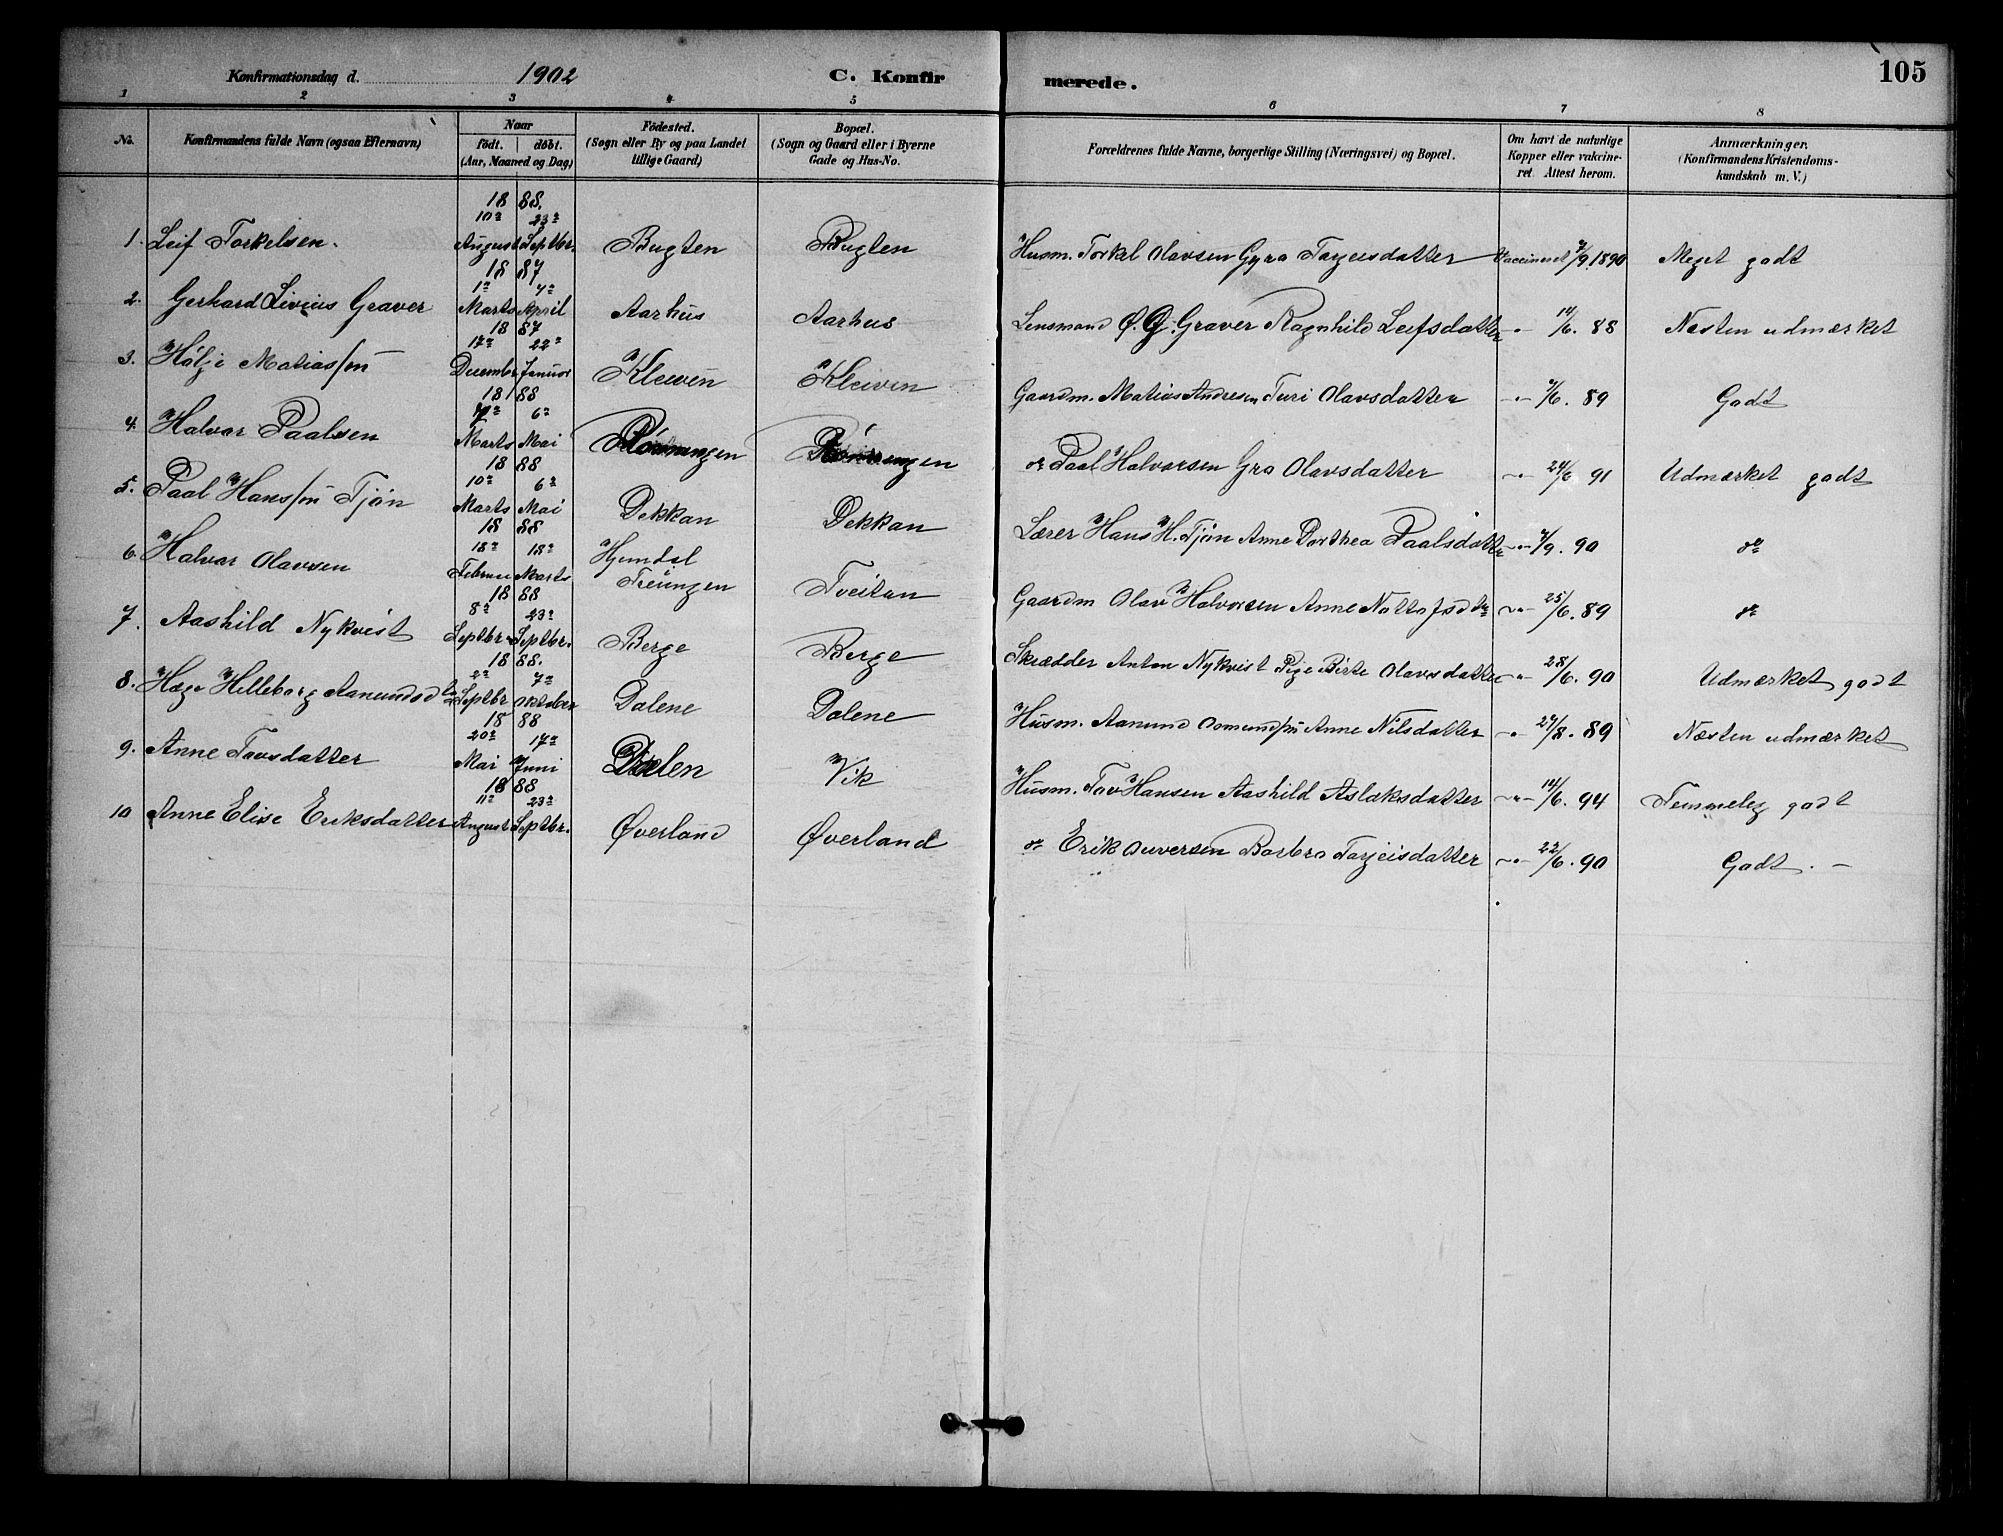 SAKO, Nissedal kirkebøker, G/Ga/L0003: Klokkerbok nr. I 3, 1887-1911, s. 105